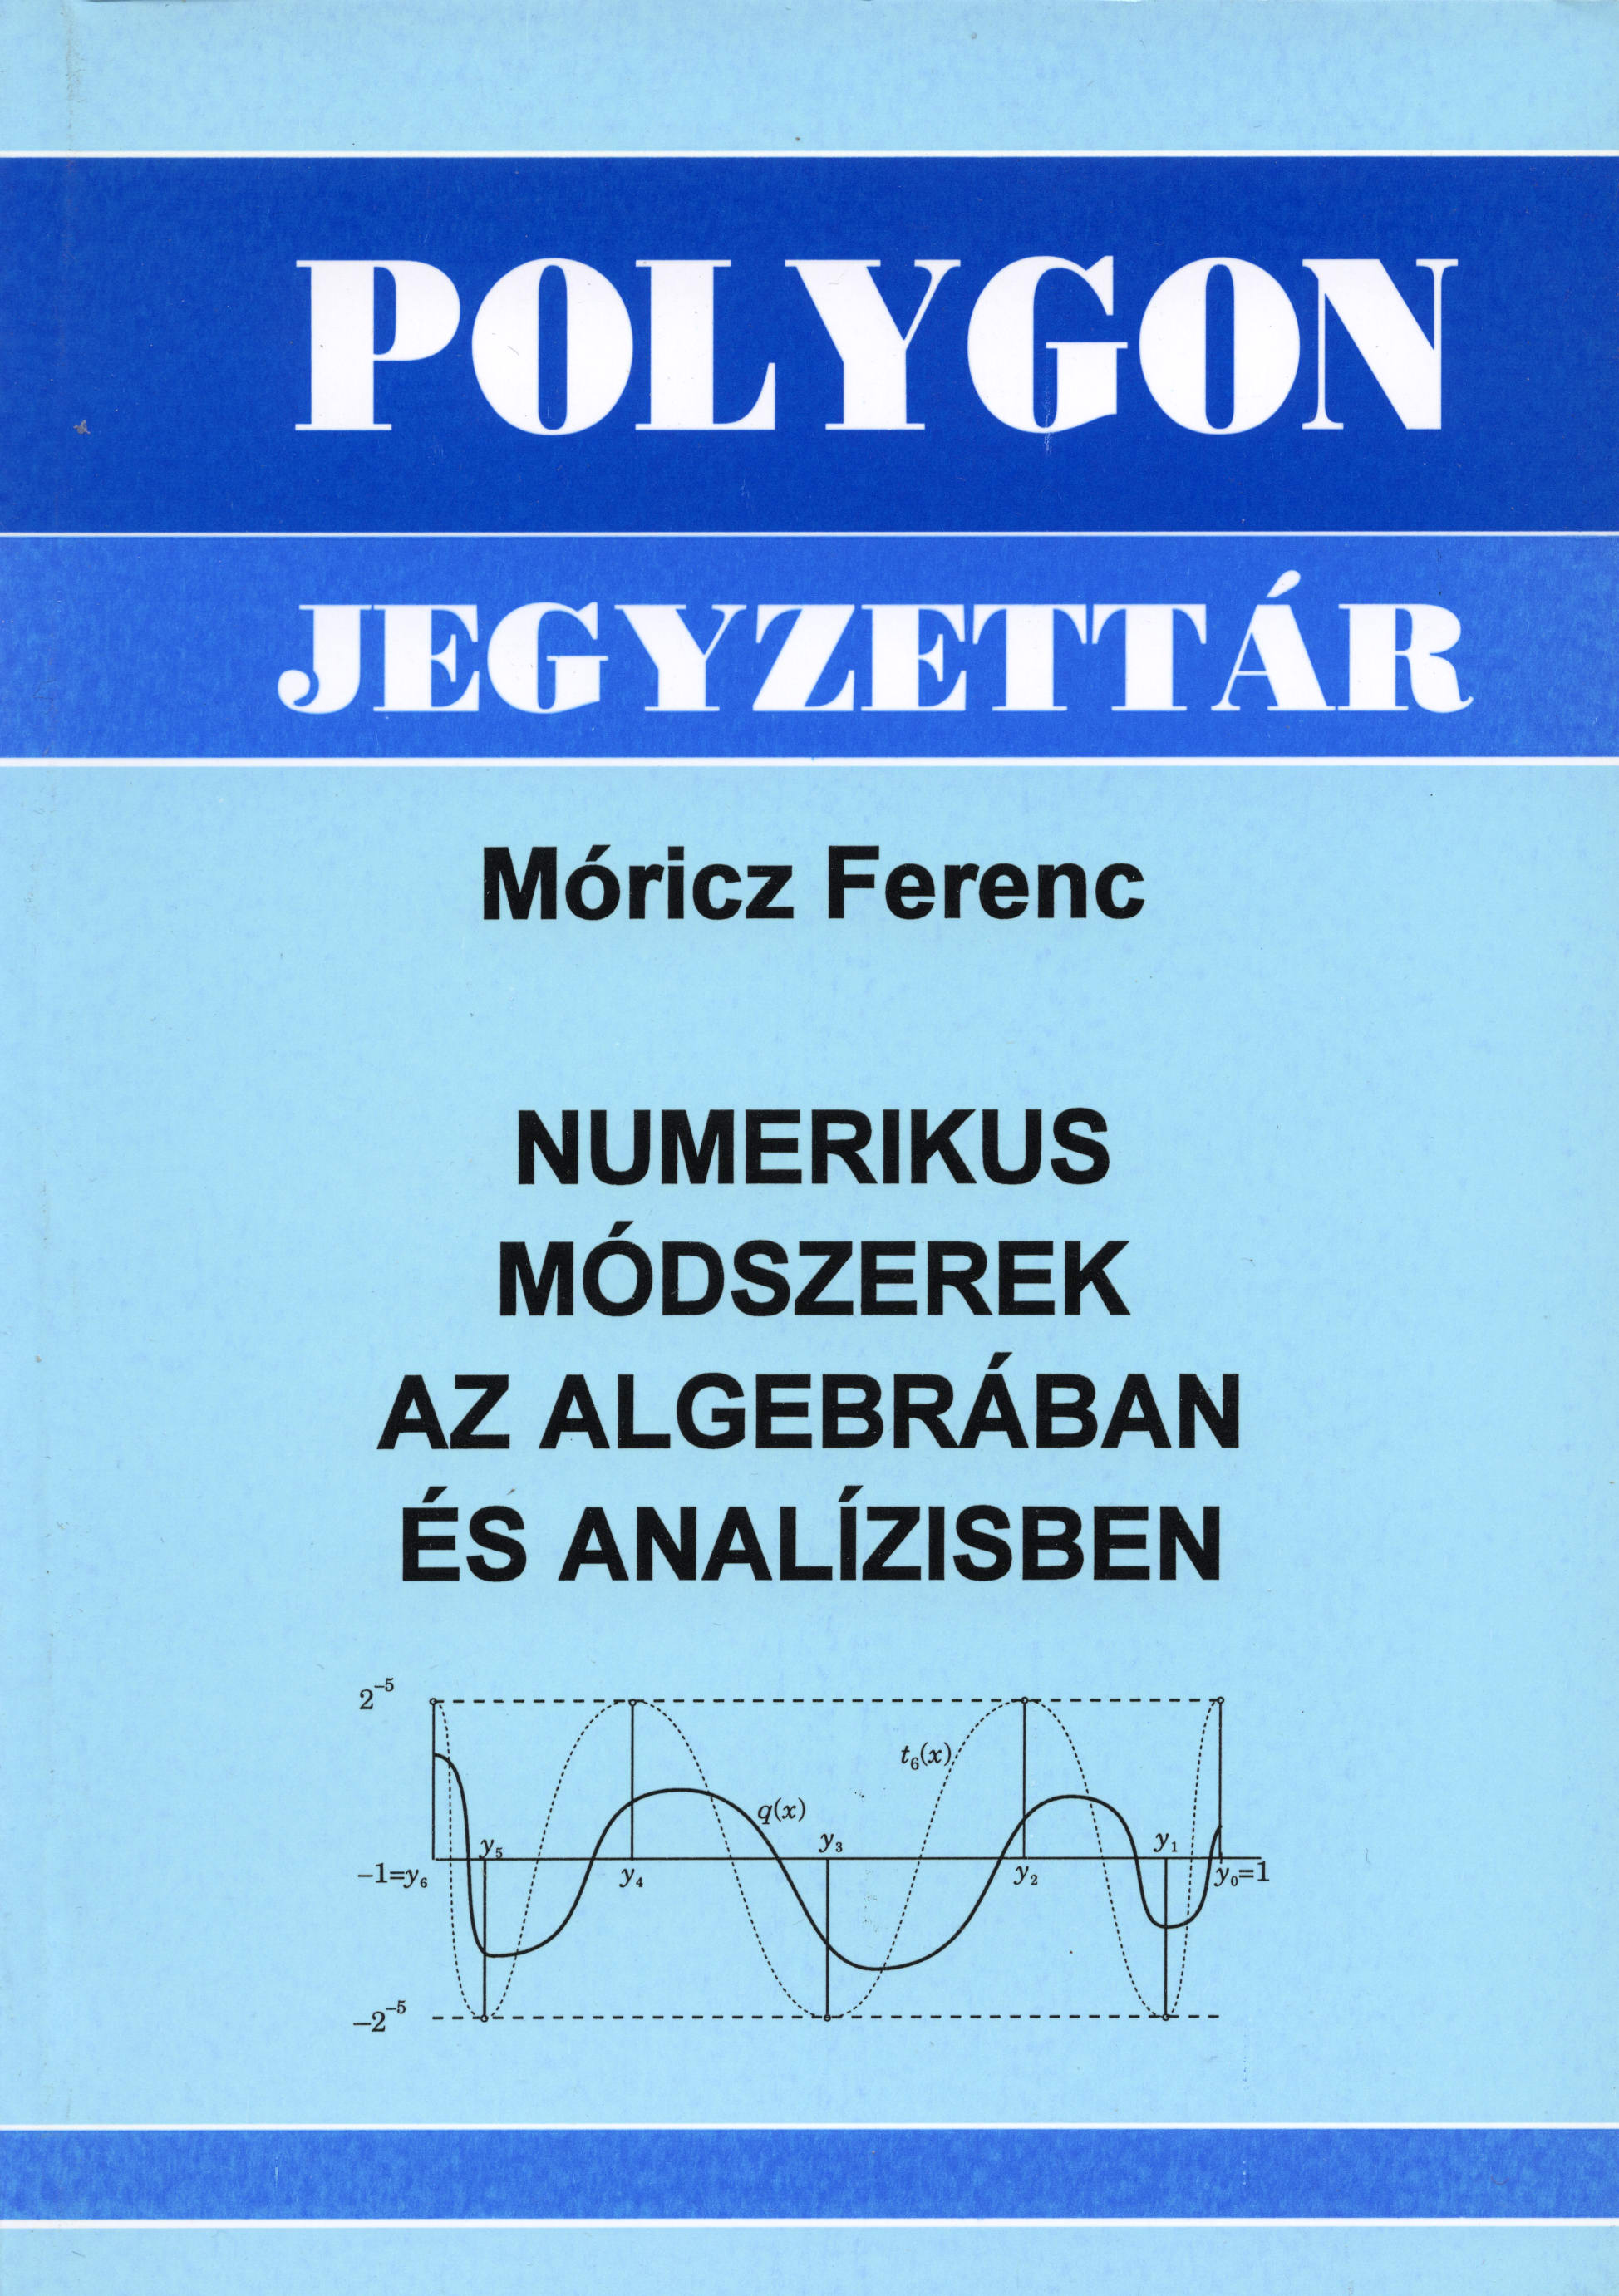 Numerikus módszerek az algebrában és analízisben - Polygon jegyzet